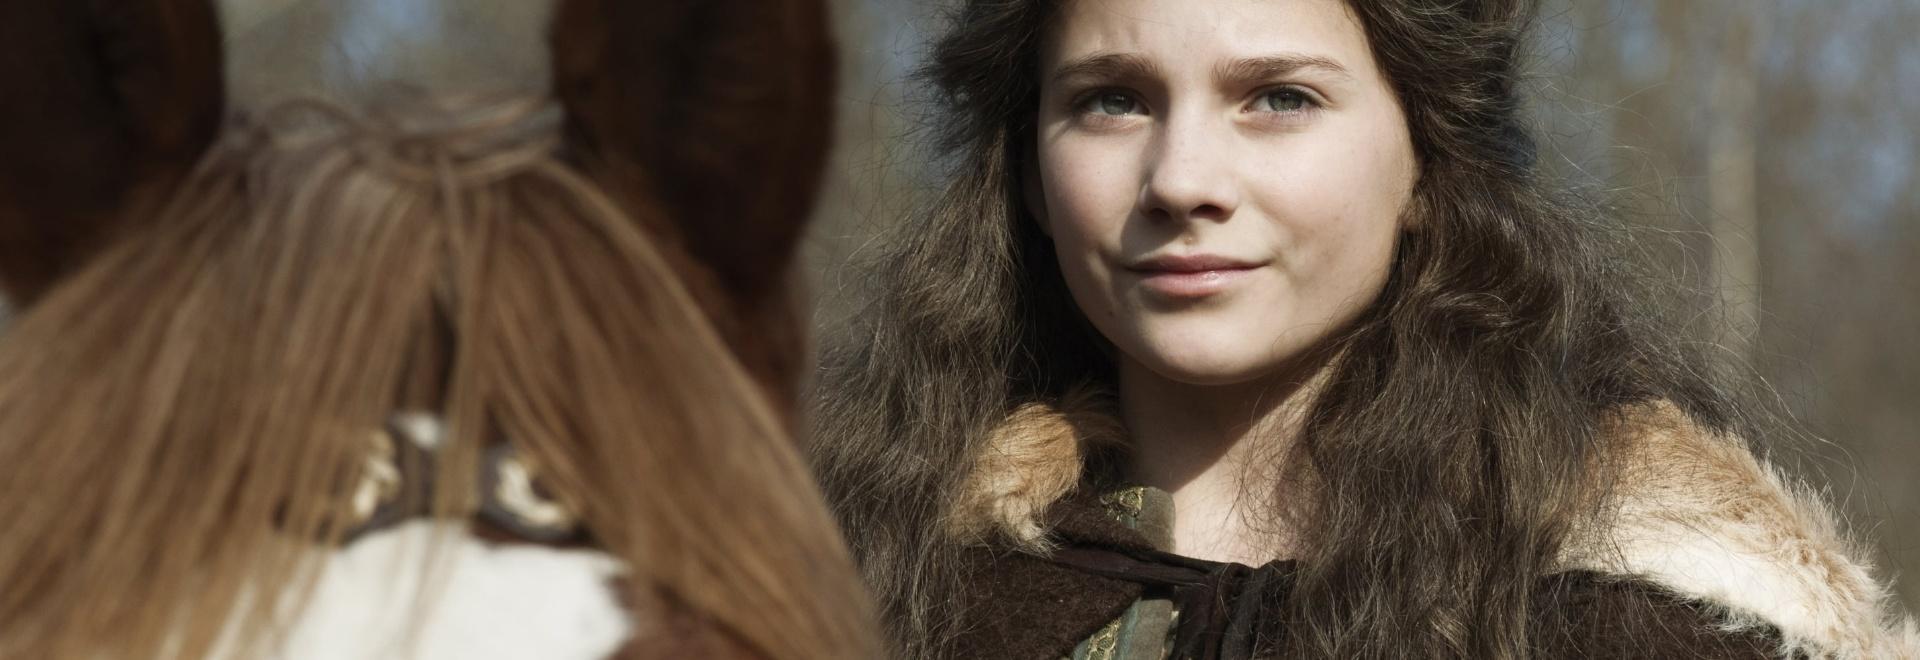 La figlia della sciamana